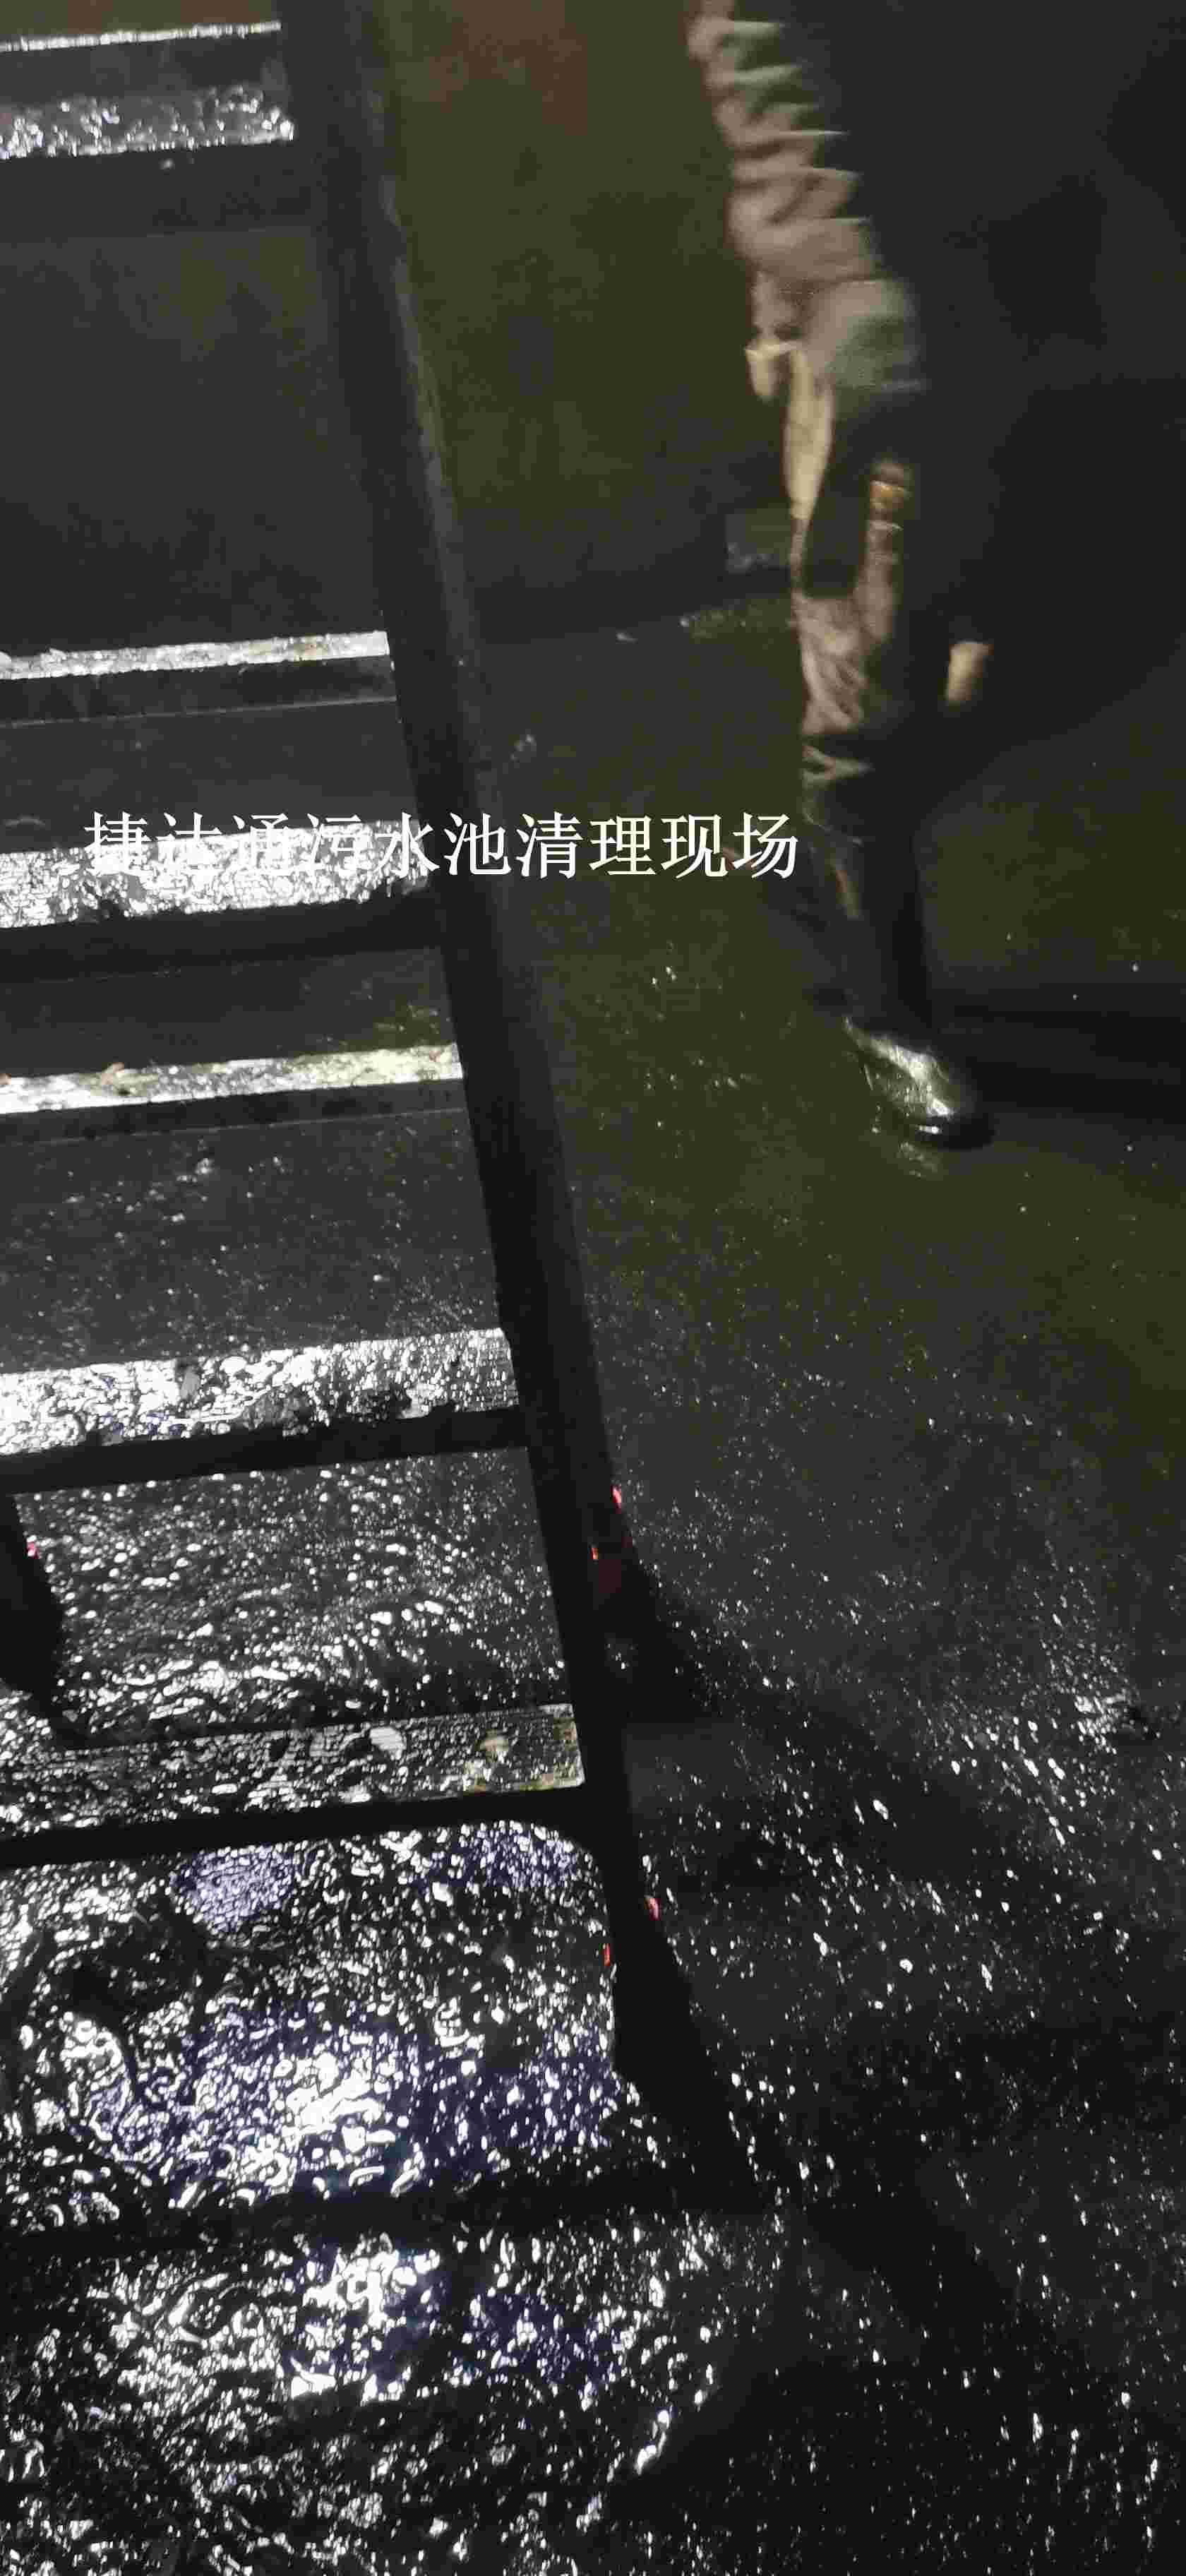 废油池清理公司¥南京市浦口区雨水池清理多久清算一次